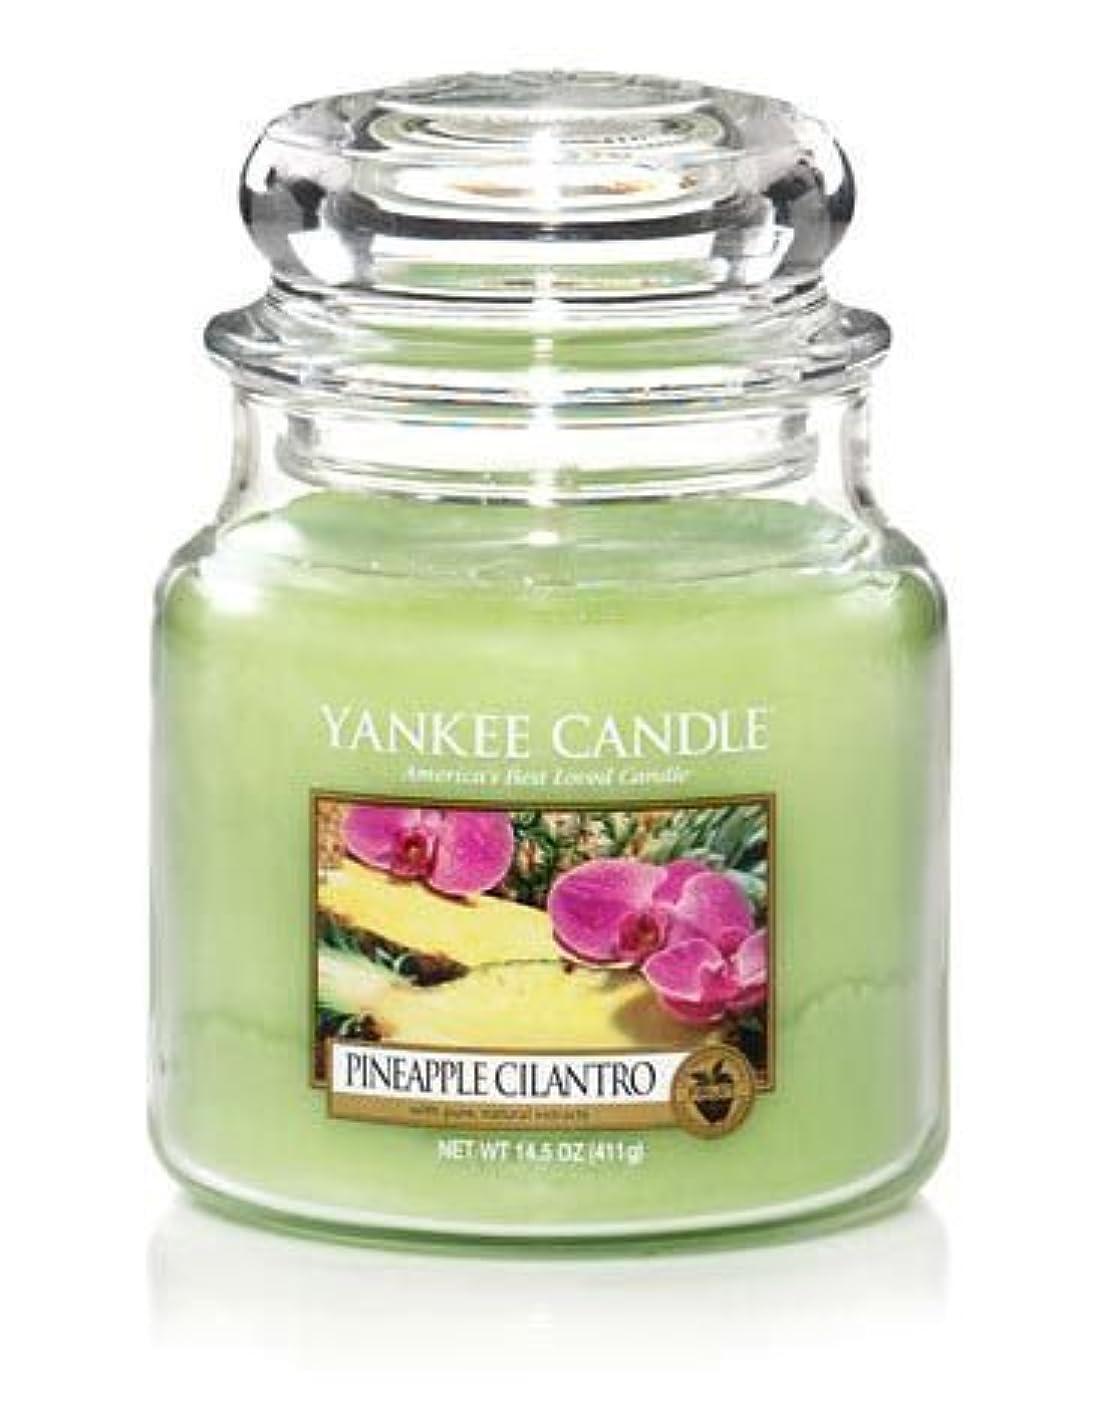 取るフック財産Yankee Candle Pineapple Cilantro Medium Jar 14.5oz Candle by Amazon source [並行輸入品]